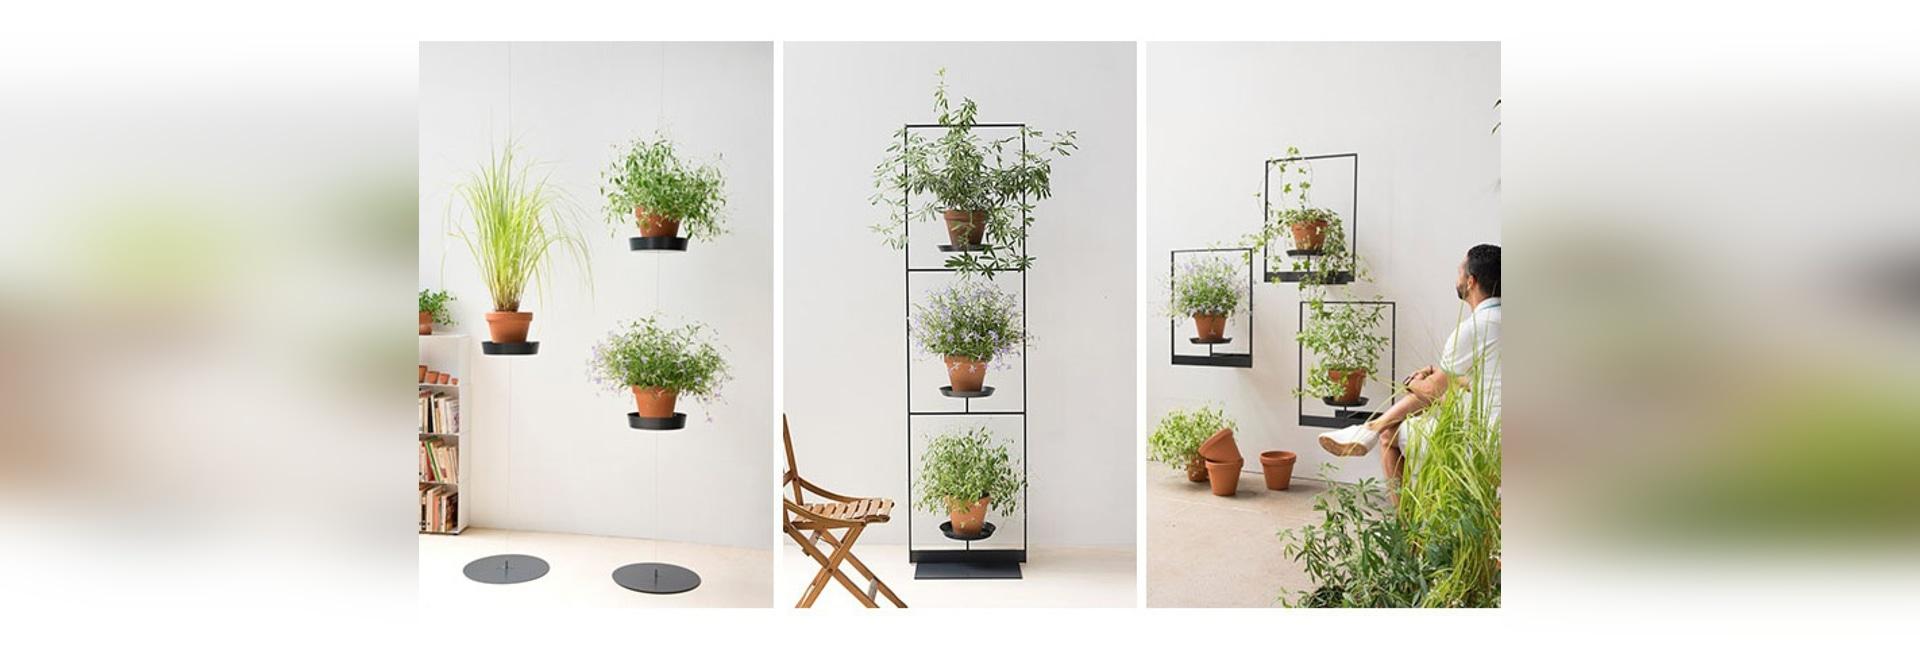 La raccolta del supporto della pianta di Teepots da Mauro Canfori